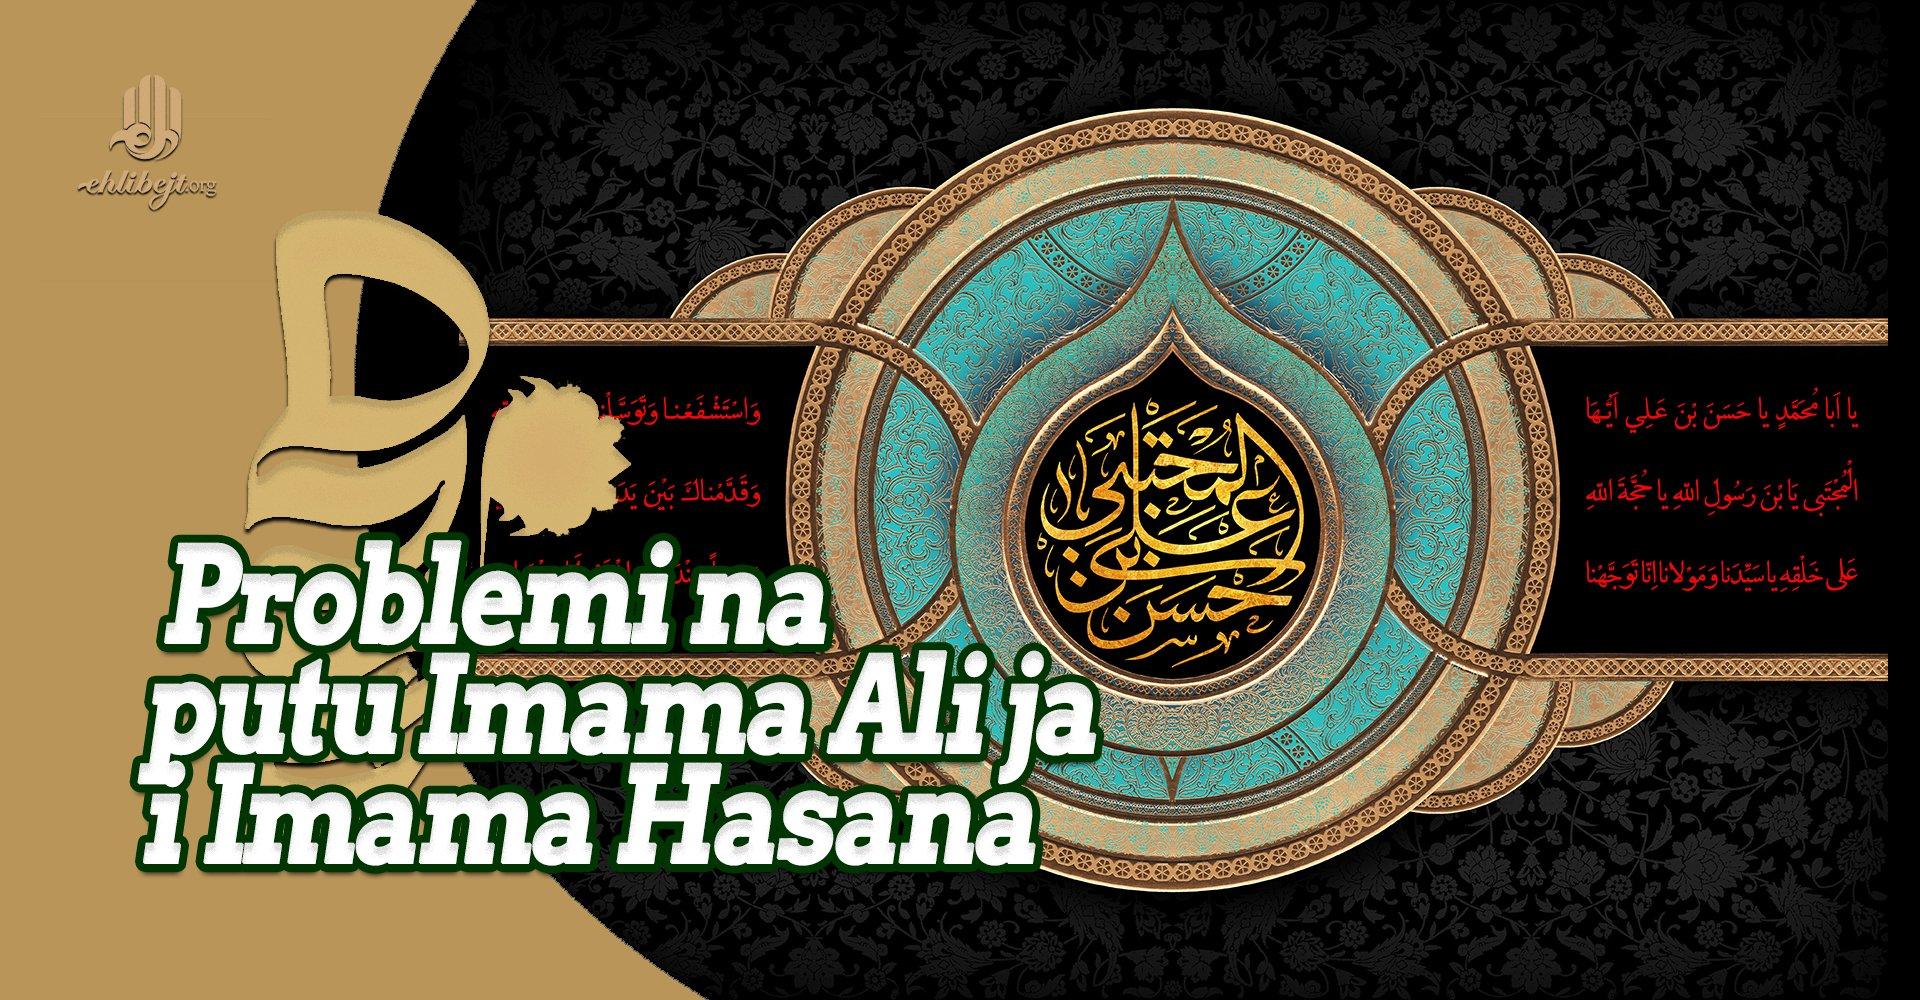 Problemi s kojima se suočavali Imam Ali i Imam Hasan